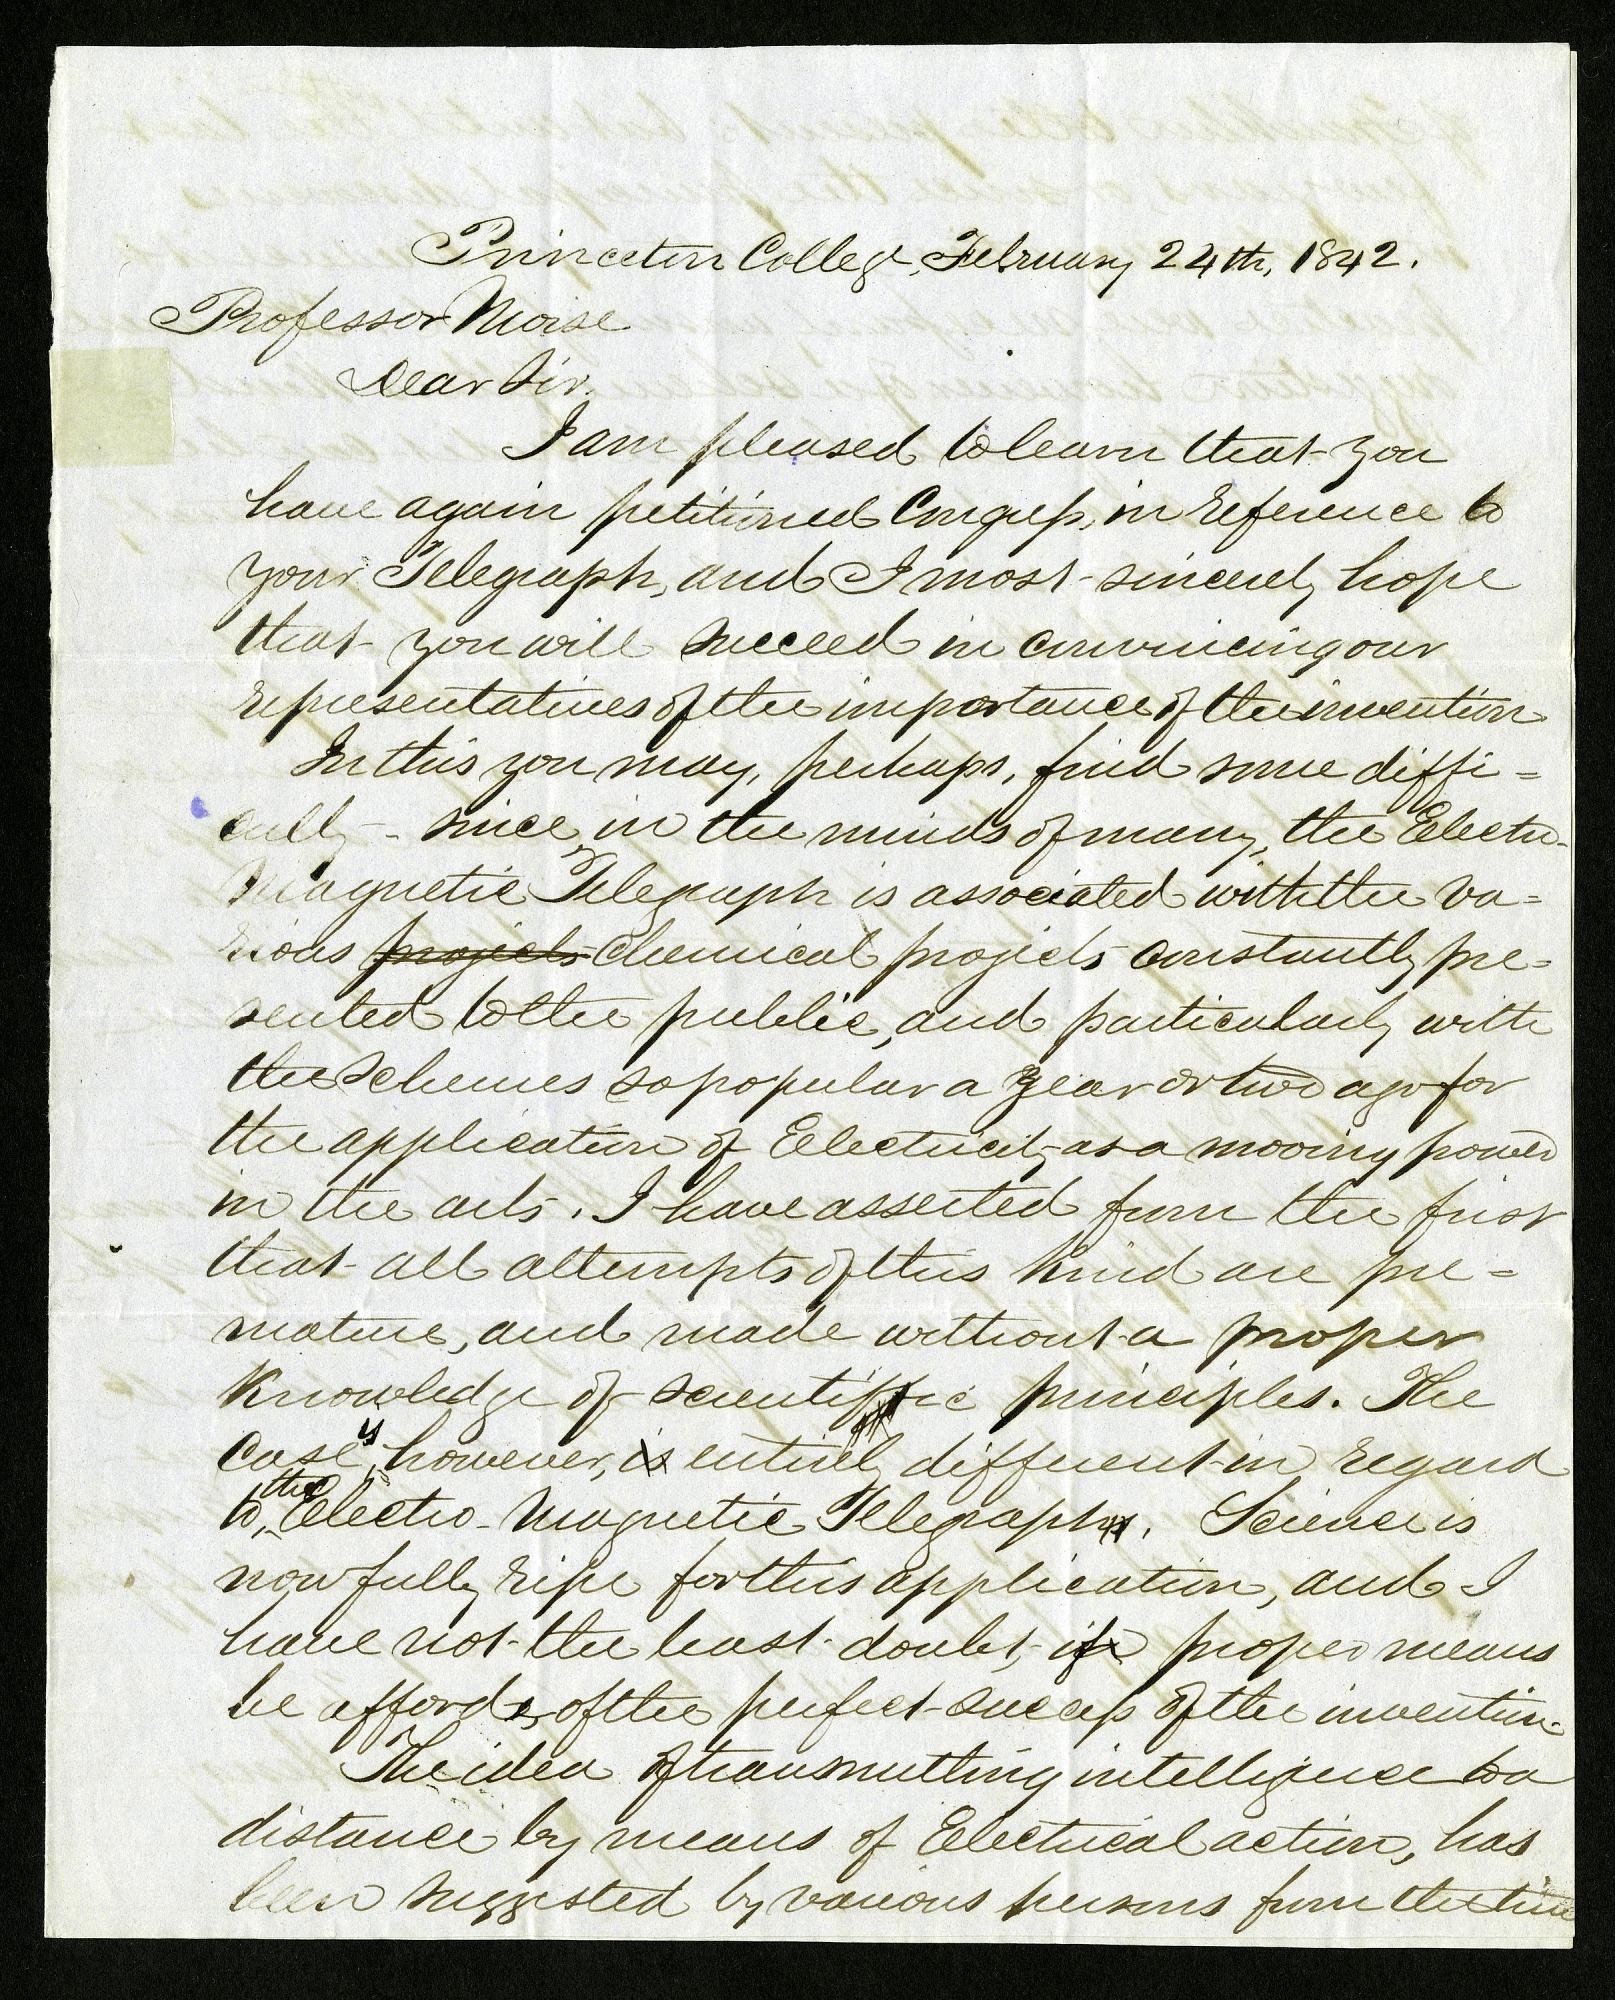 Joseph Henry's Letter to Samuel F. B. Morse (February 24, 1842)